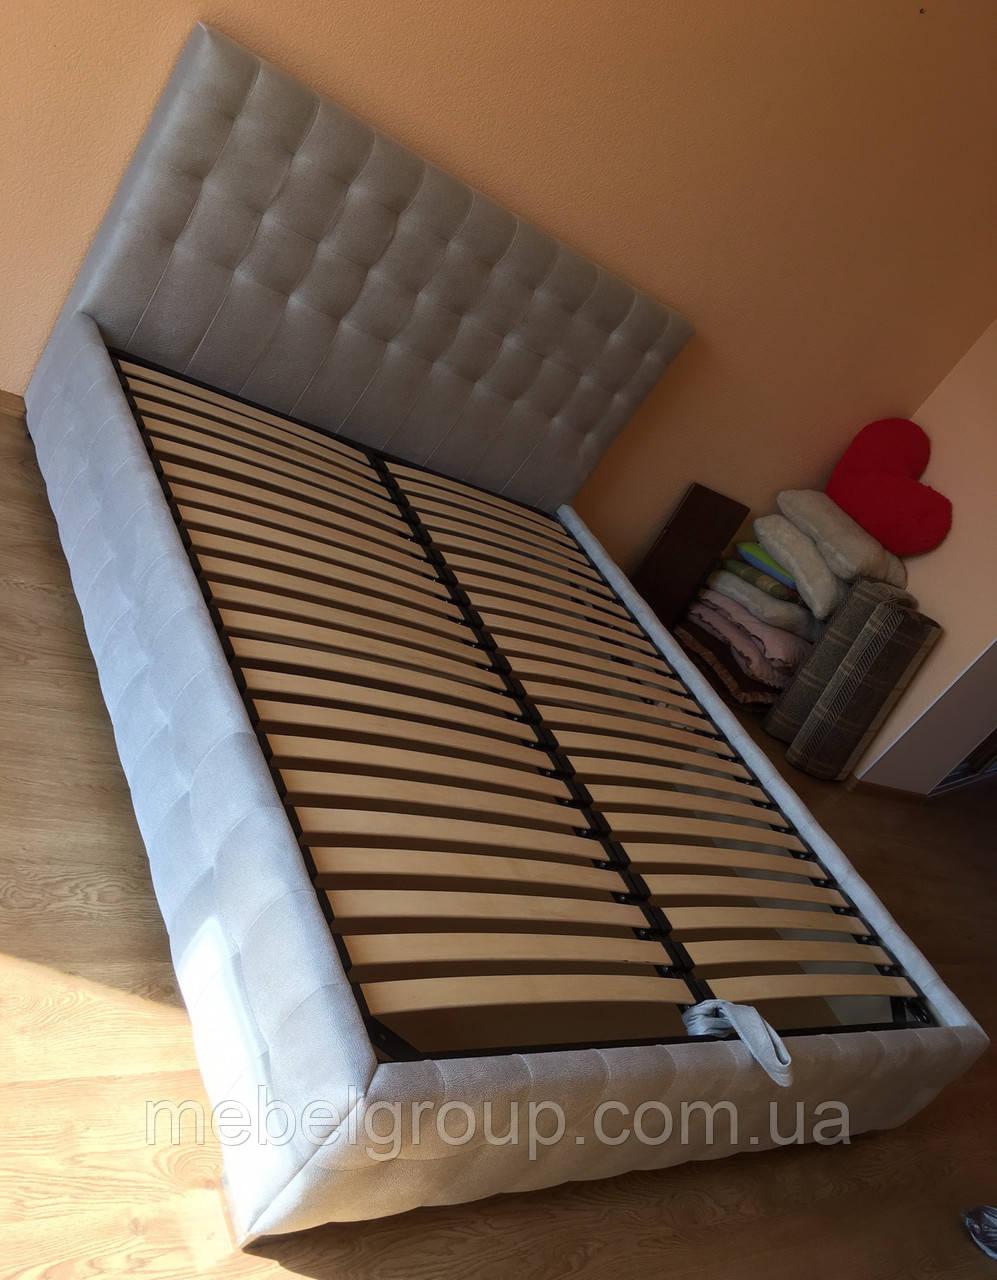 Кровать Еванс 160*200 с механизмом